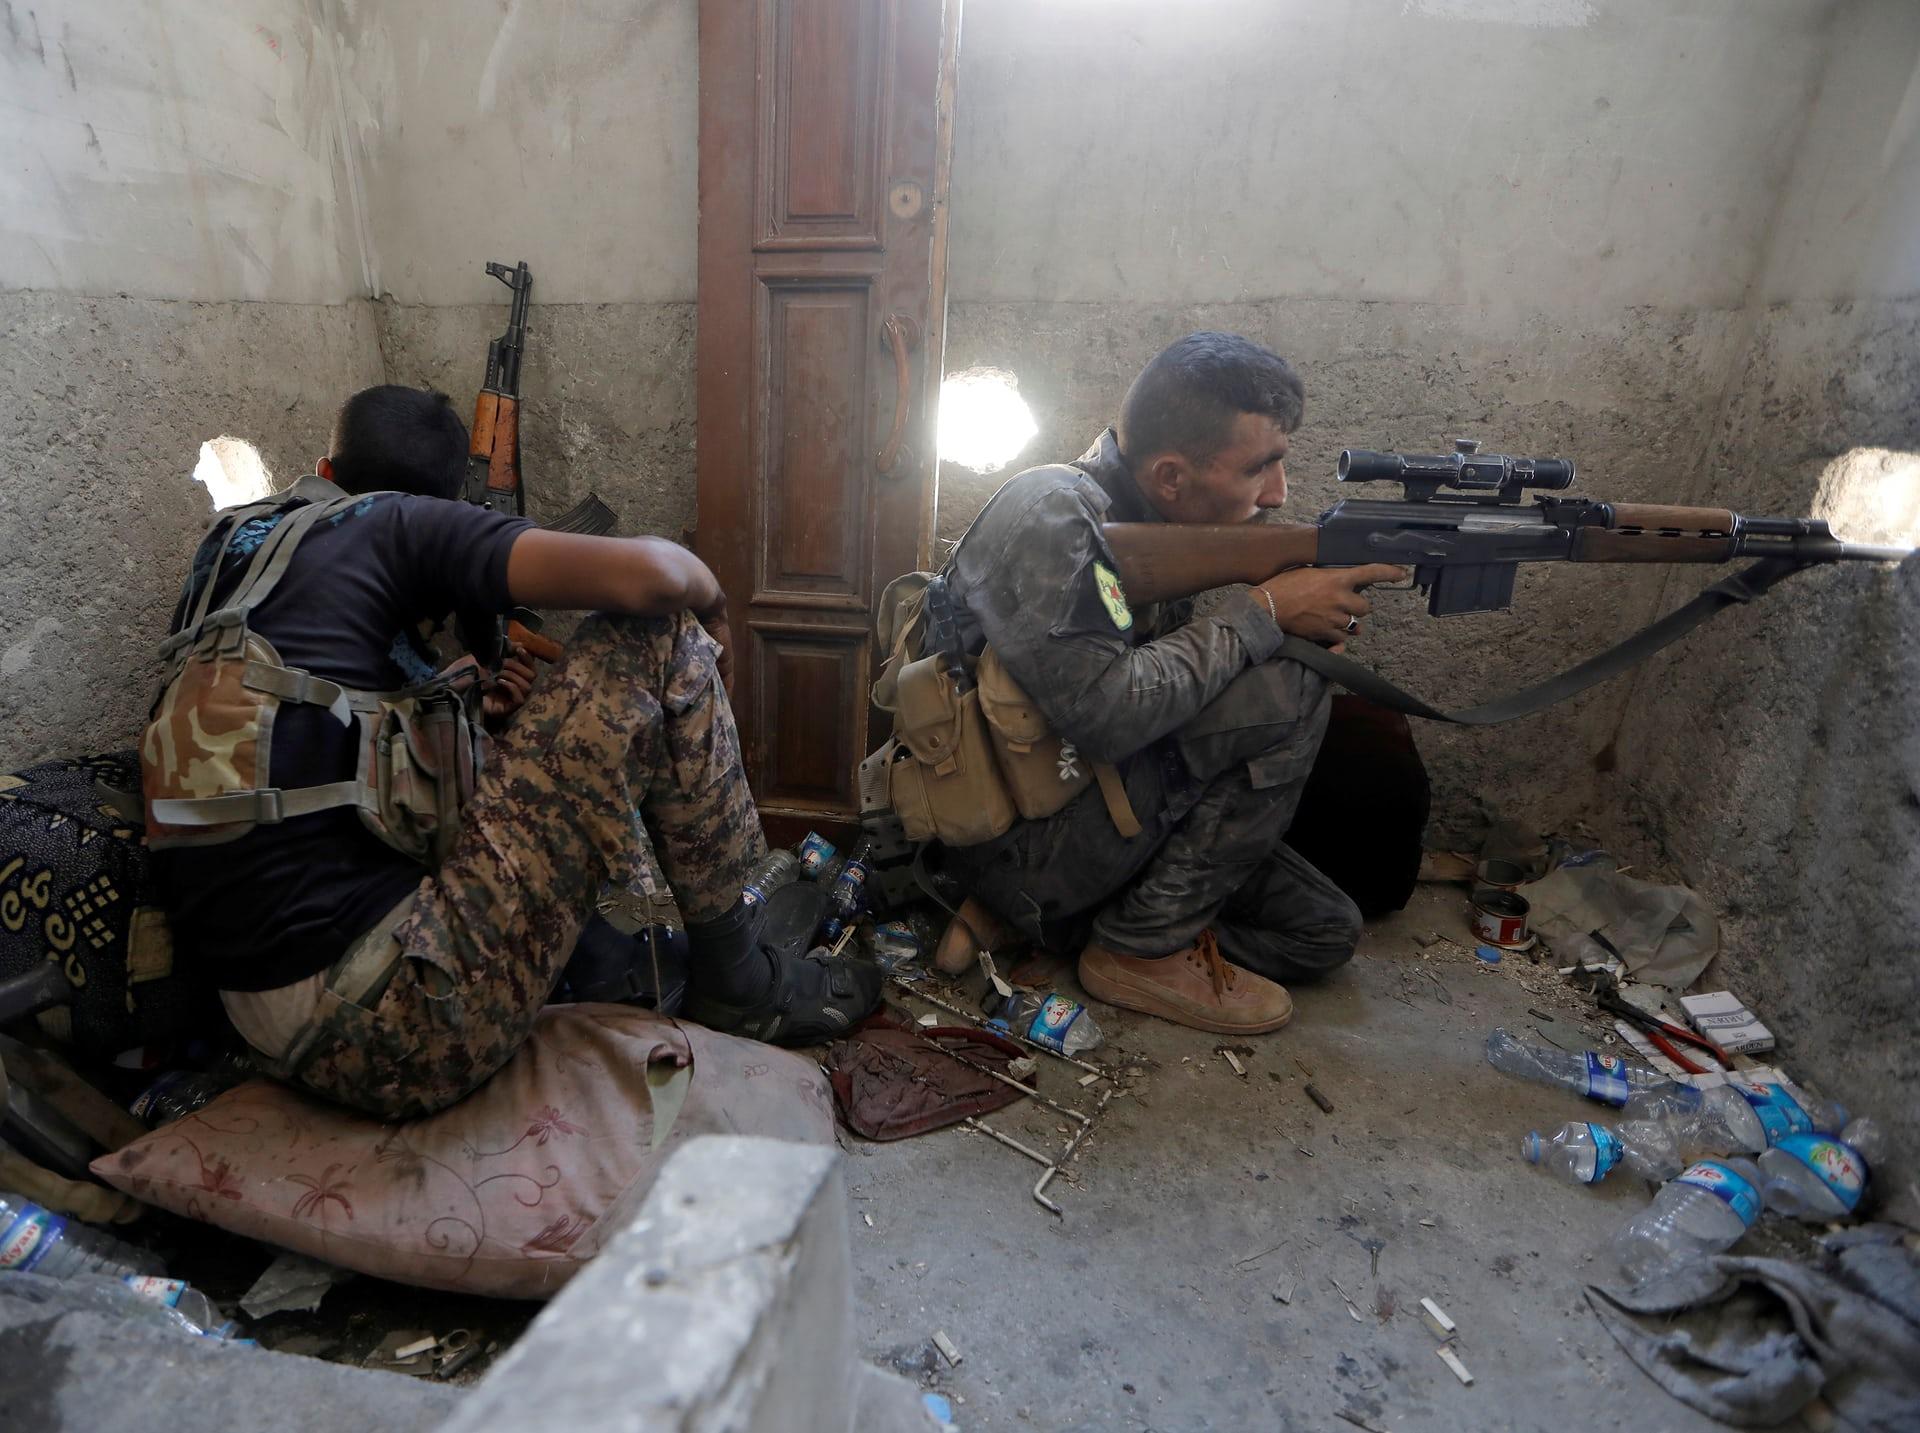 إستهداف بالأسلحة في العراق